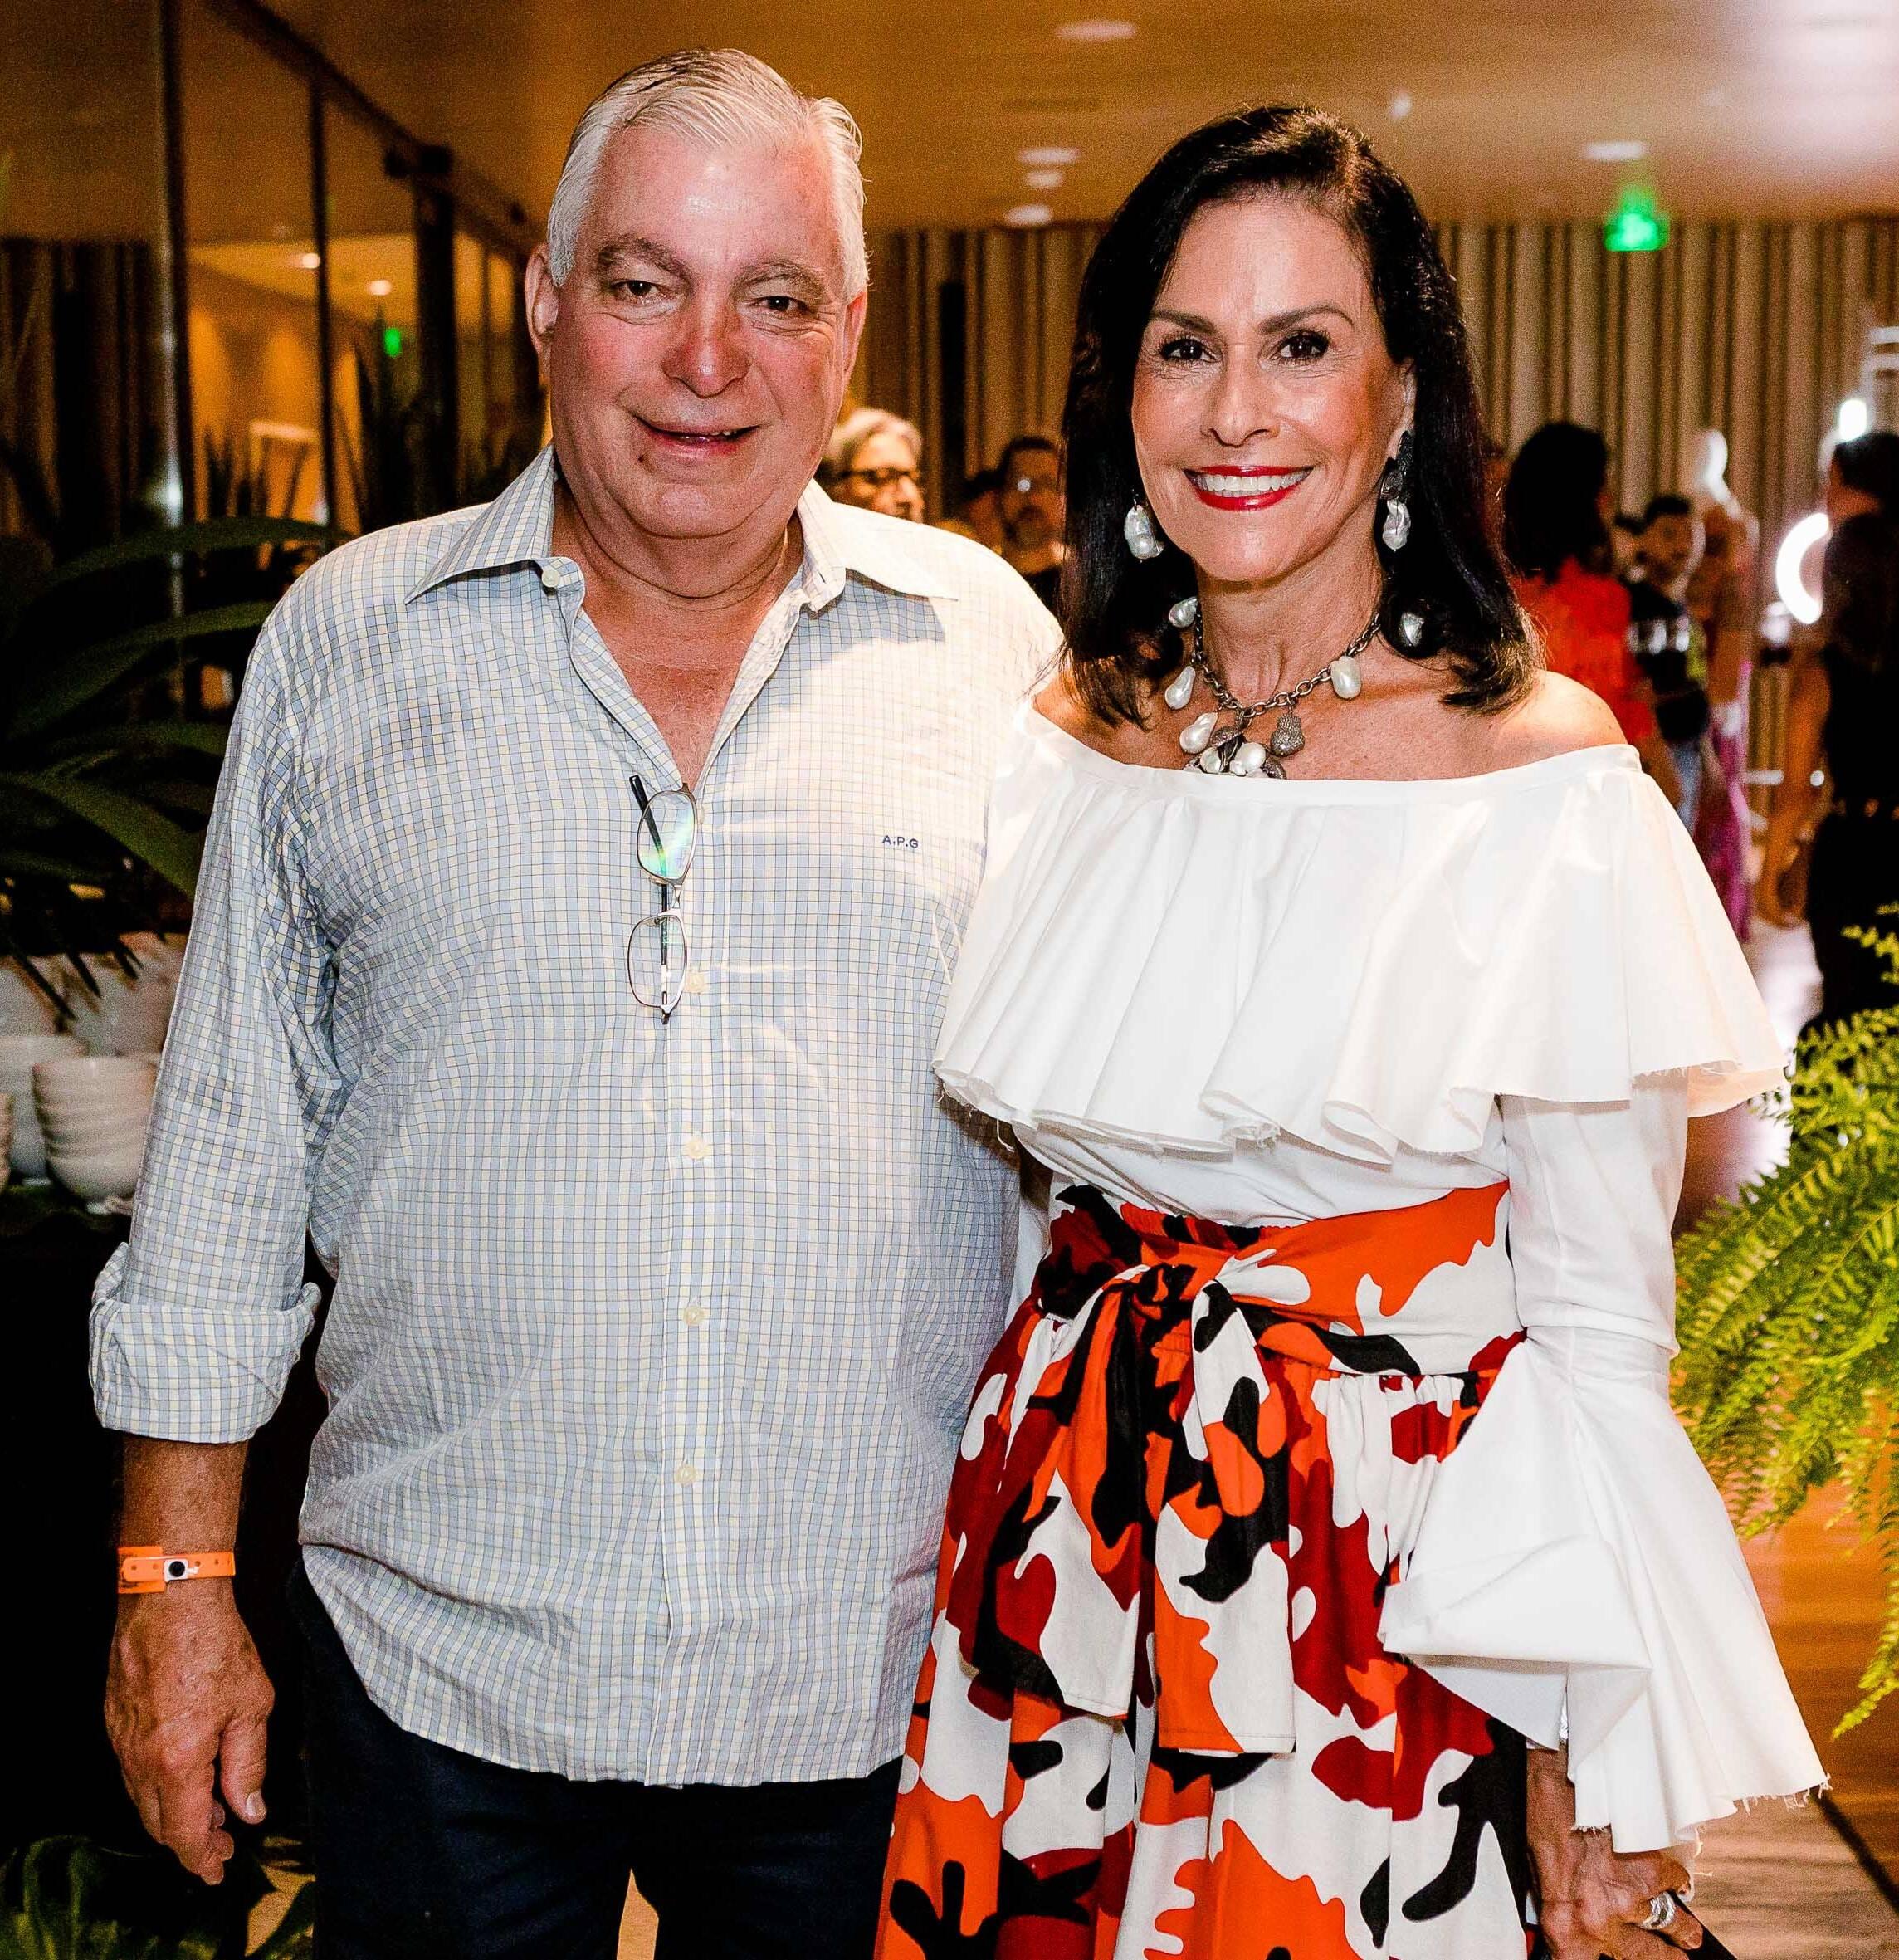 Beth e Afonso Pinto Guimarães /Foto: Bruno Ryfer